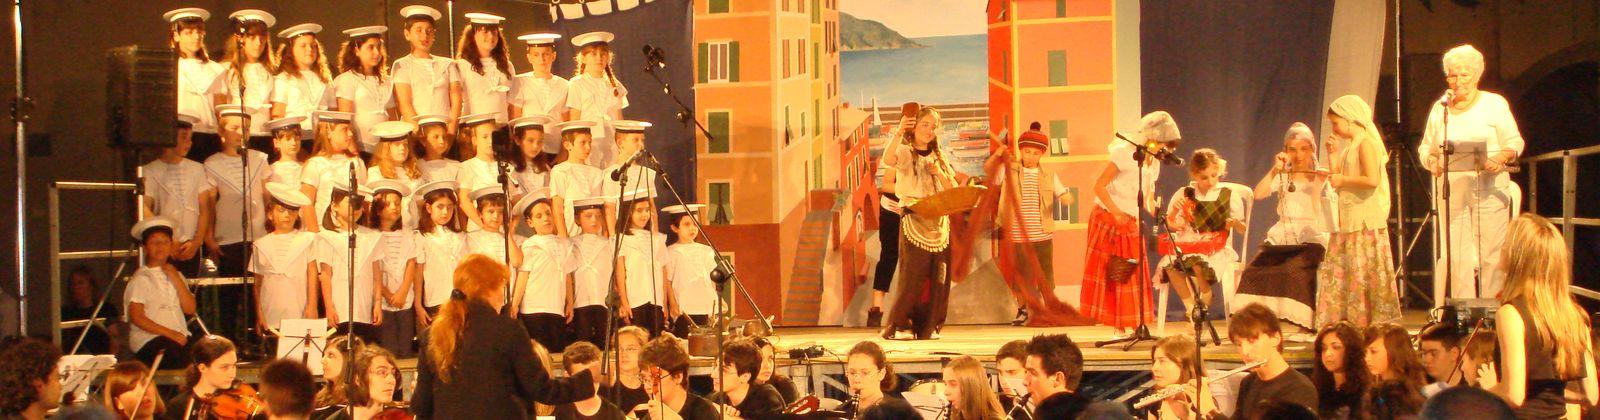 Teatro musicale con i bambini e ragazzi Genova